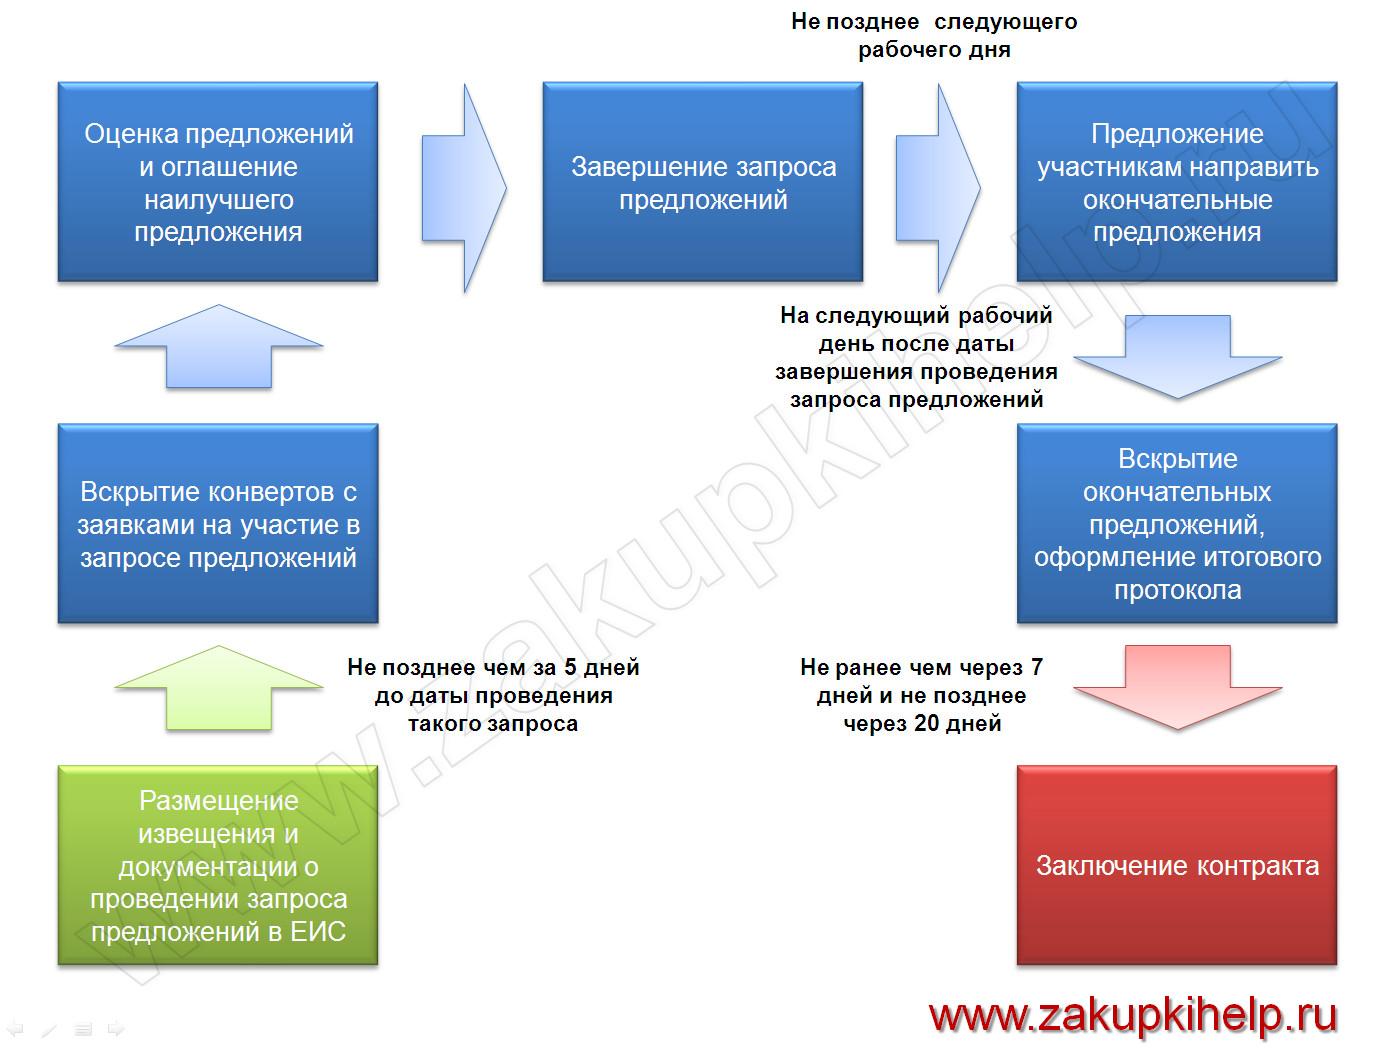 схема проведения запроса предложений